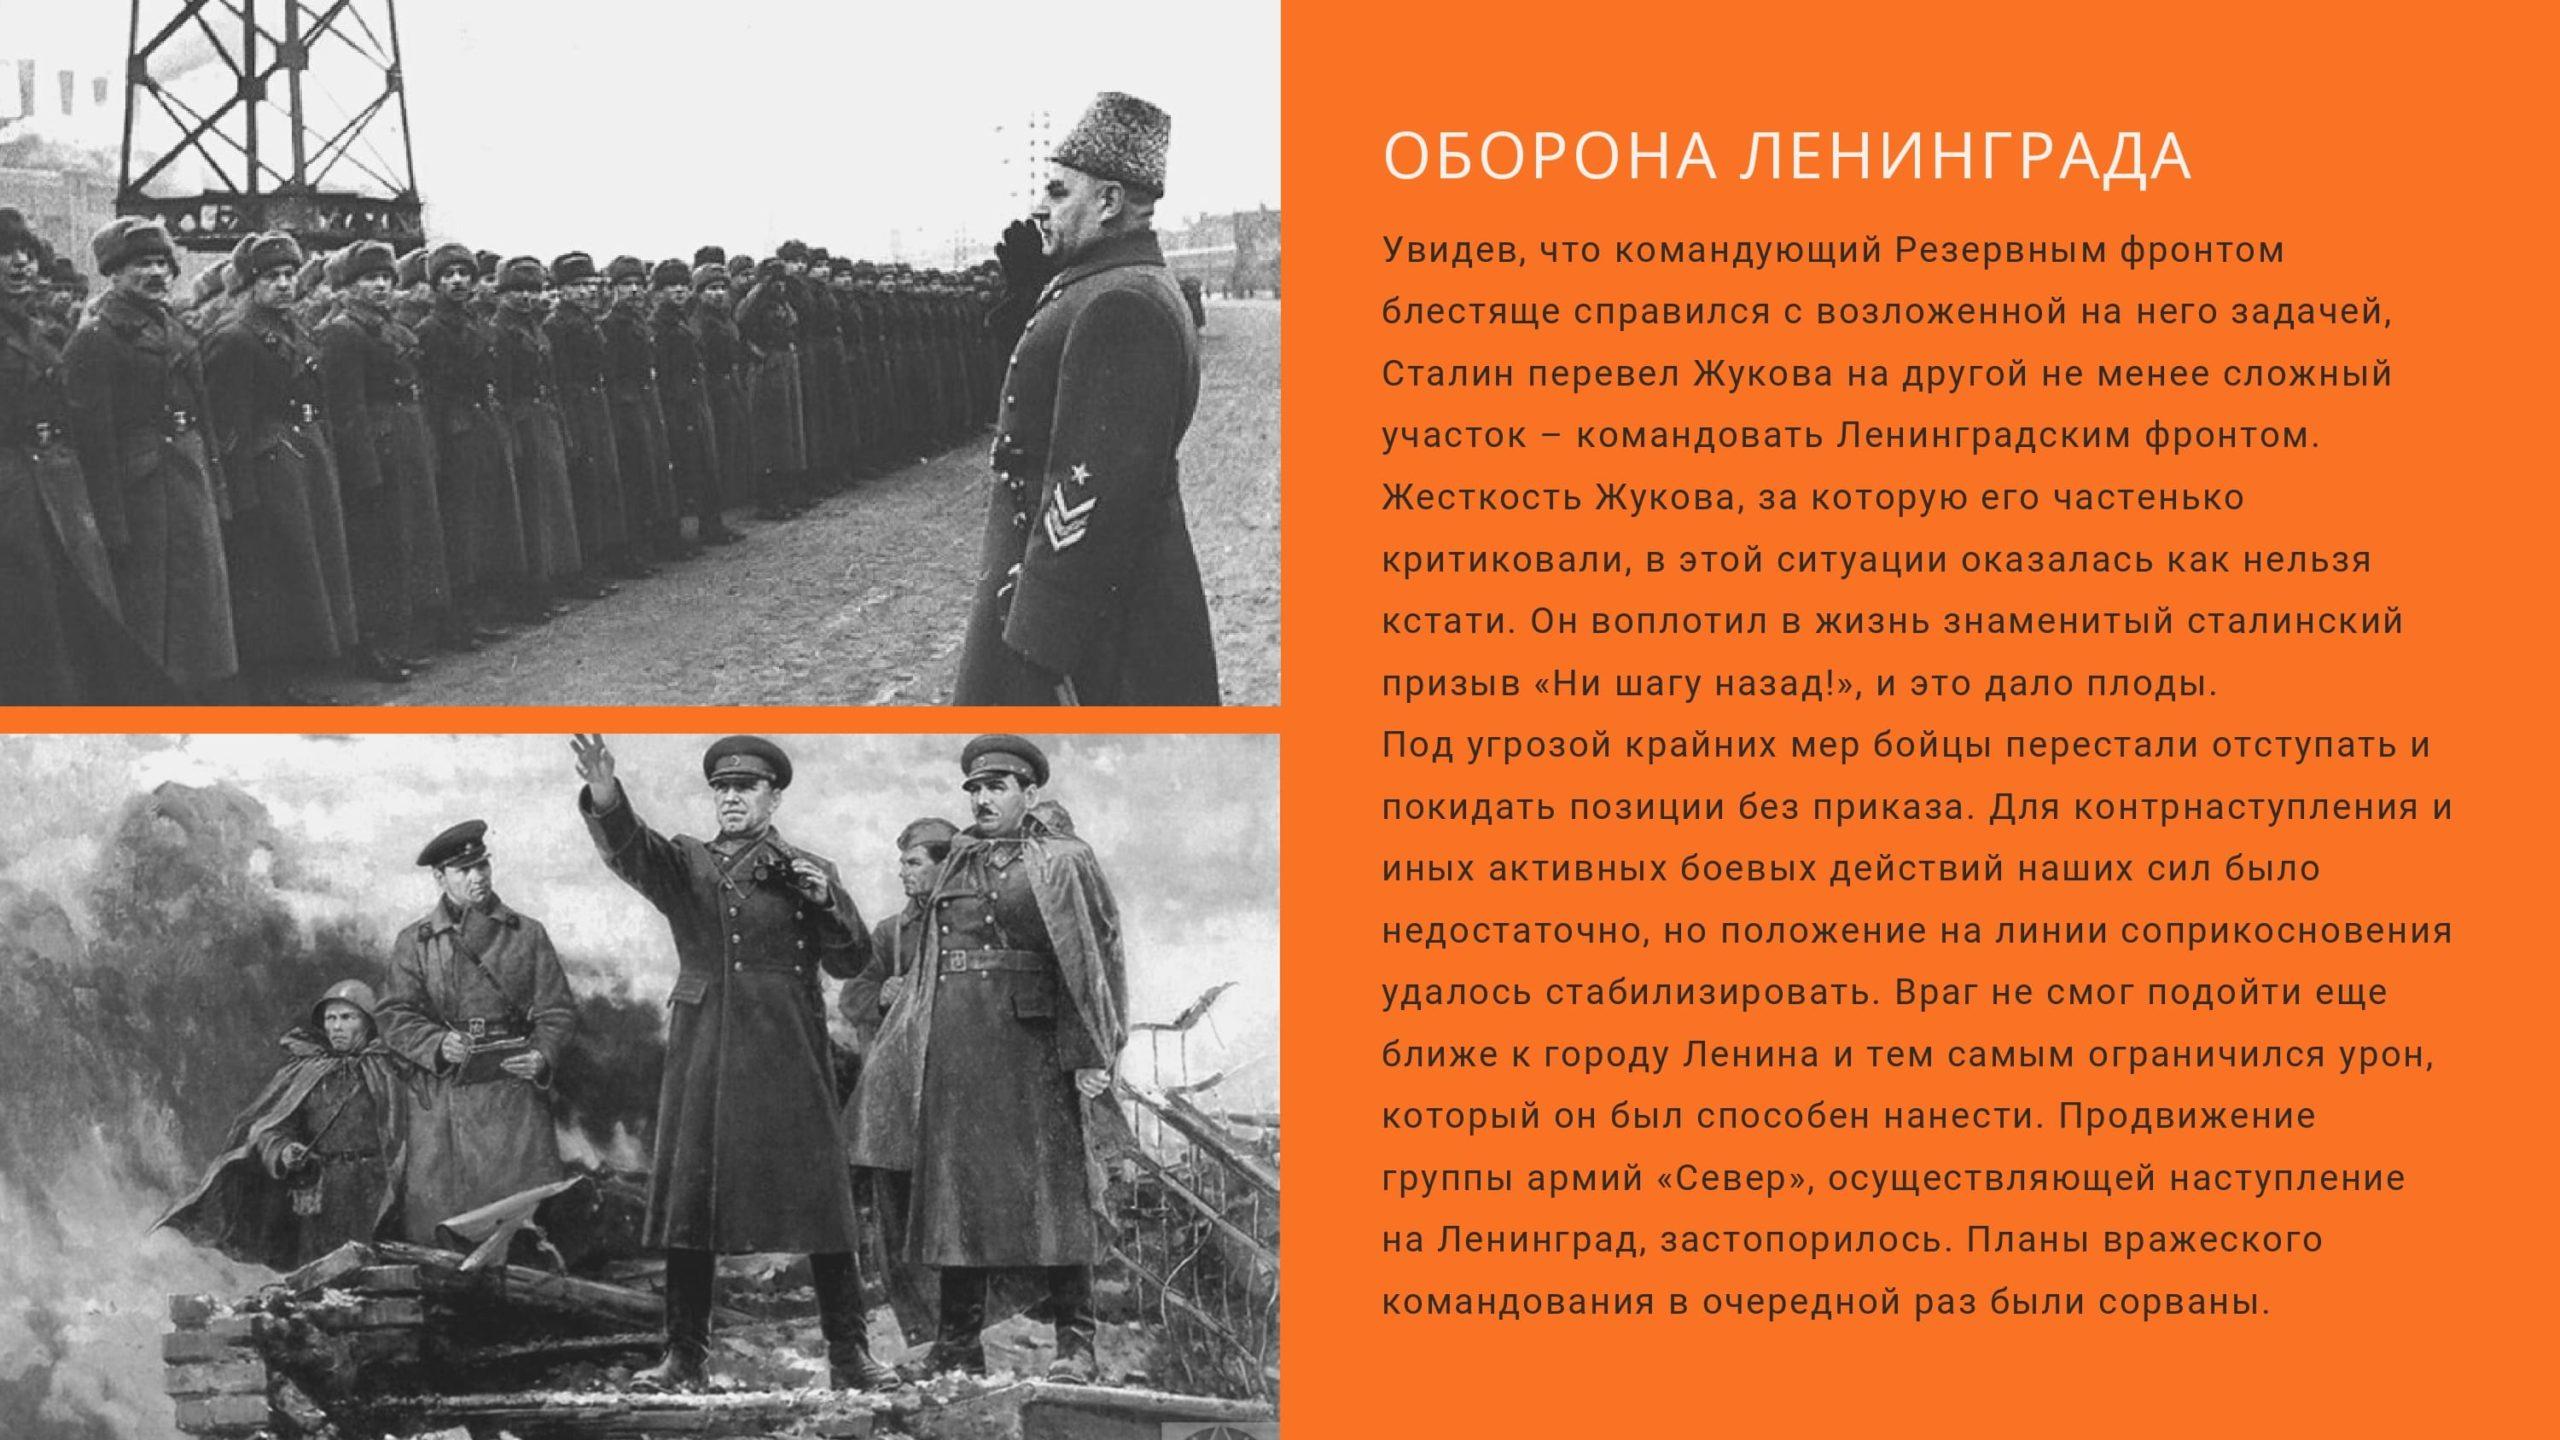 Оборона Ленинграда